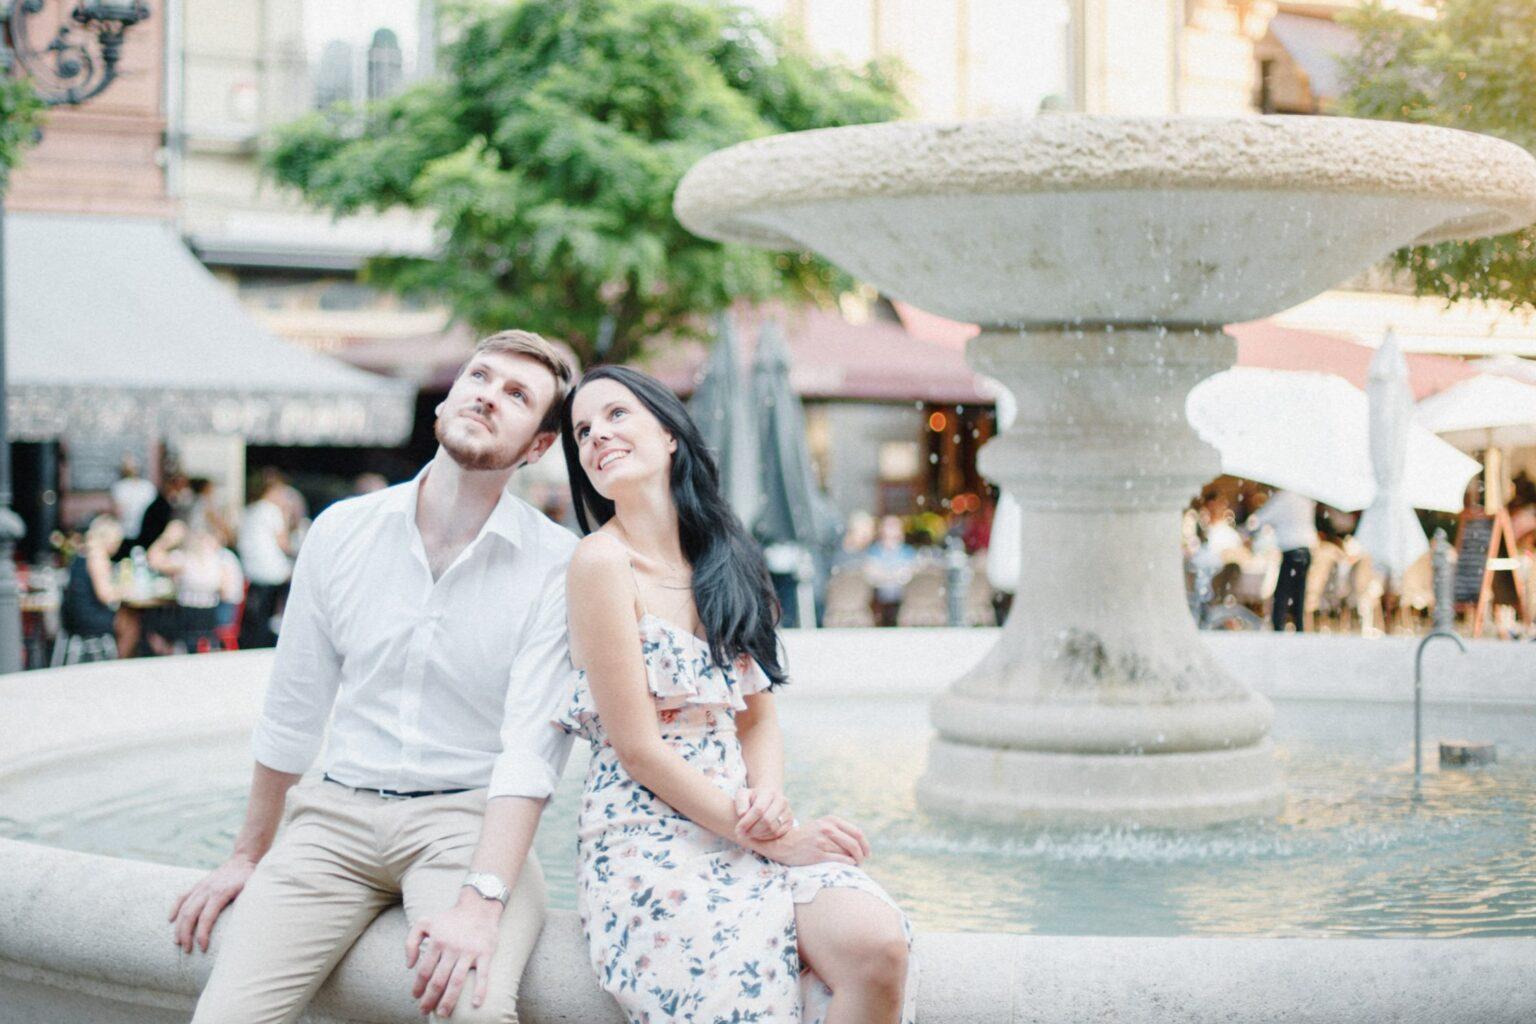 Fotograf für Verlobung Zürich, Hochzeitsfotograf Basel, Engagementshooting an der Alten Oper in Frankfurt